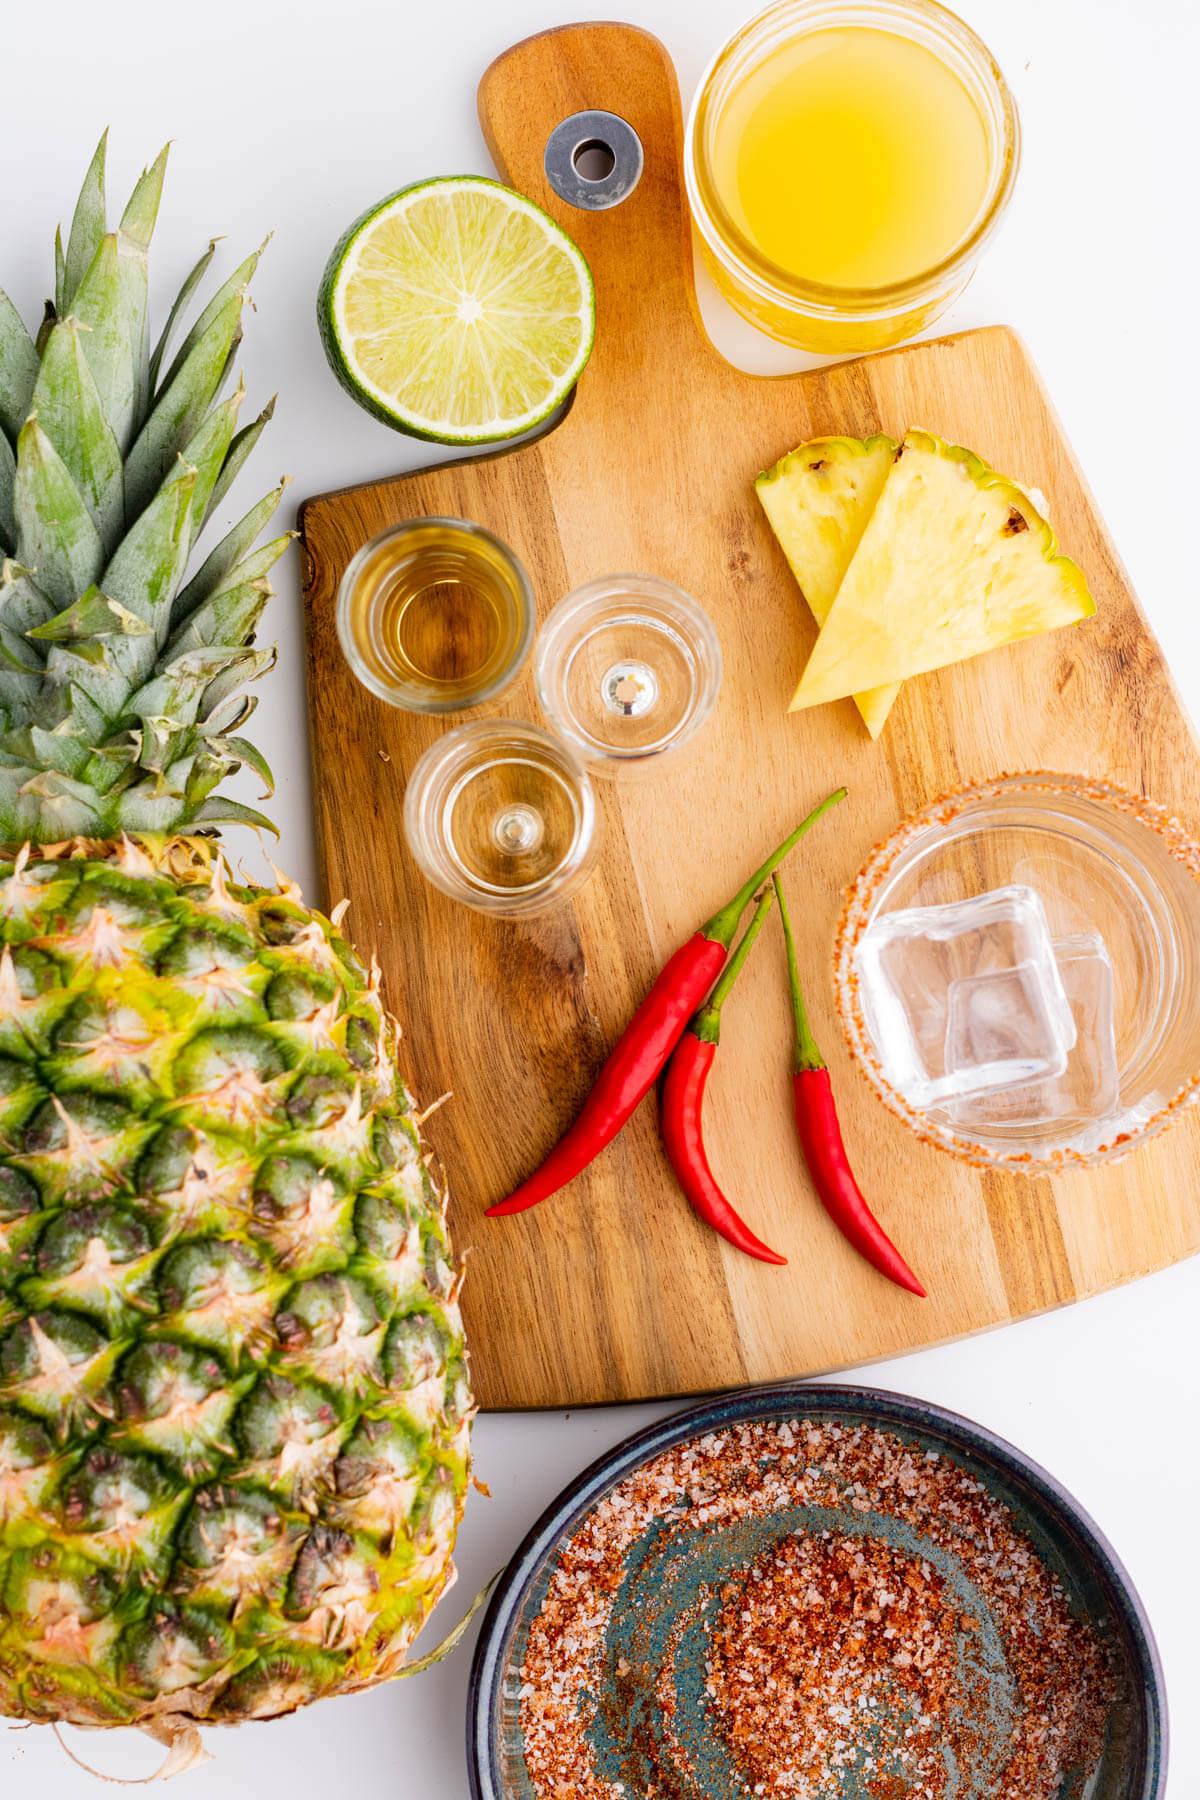 Ingredients used in making two spicy pineapple margaritas.